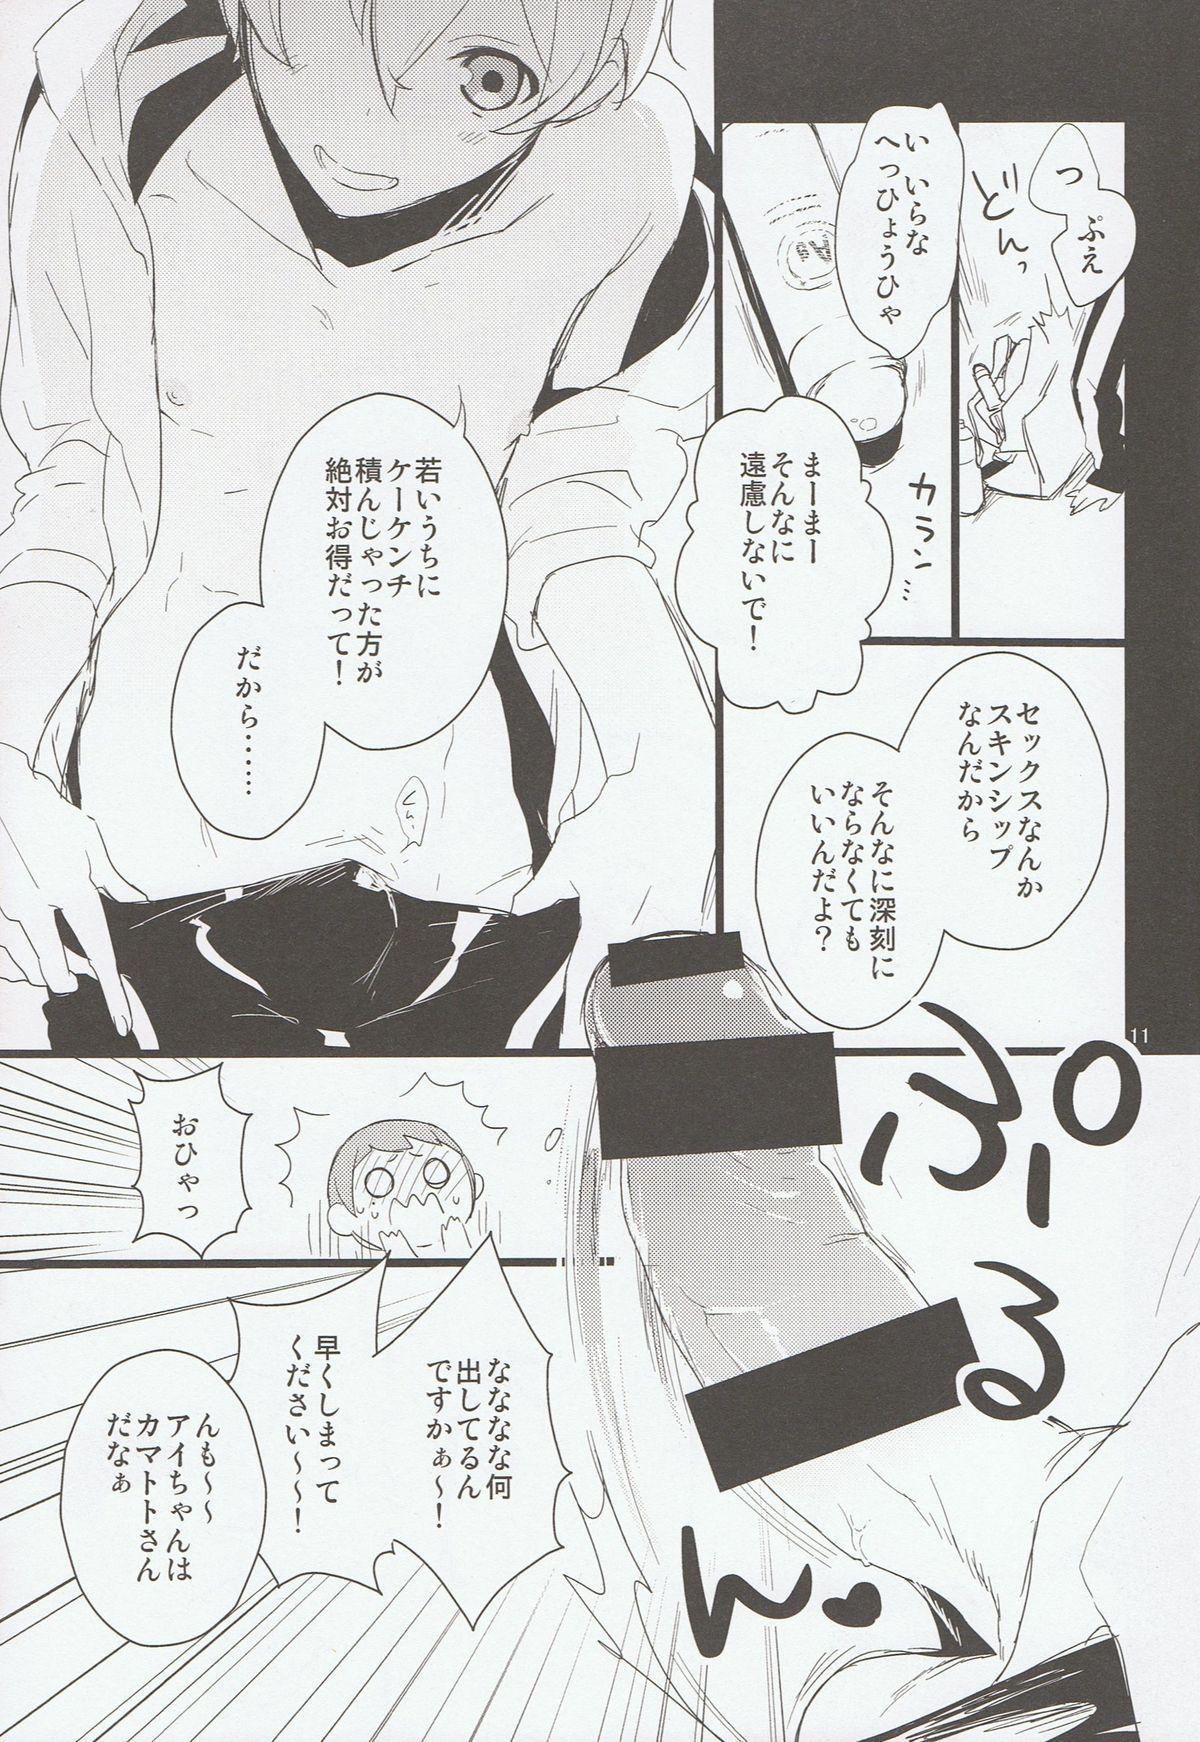 (C86) [MERYx3 (Numeri)] Nagisa-kun to Nitori-kun wo Muriyari Karamaseta Hon (Free!) 9